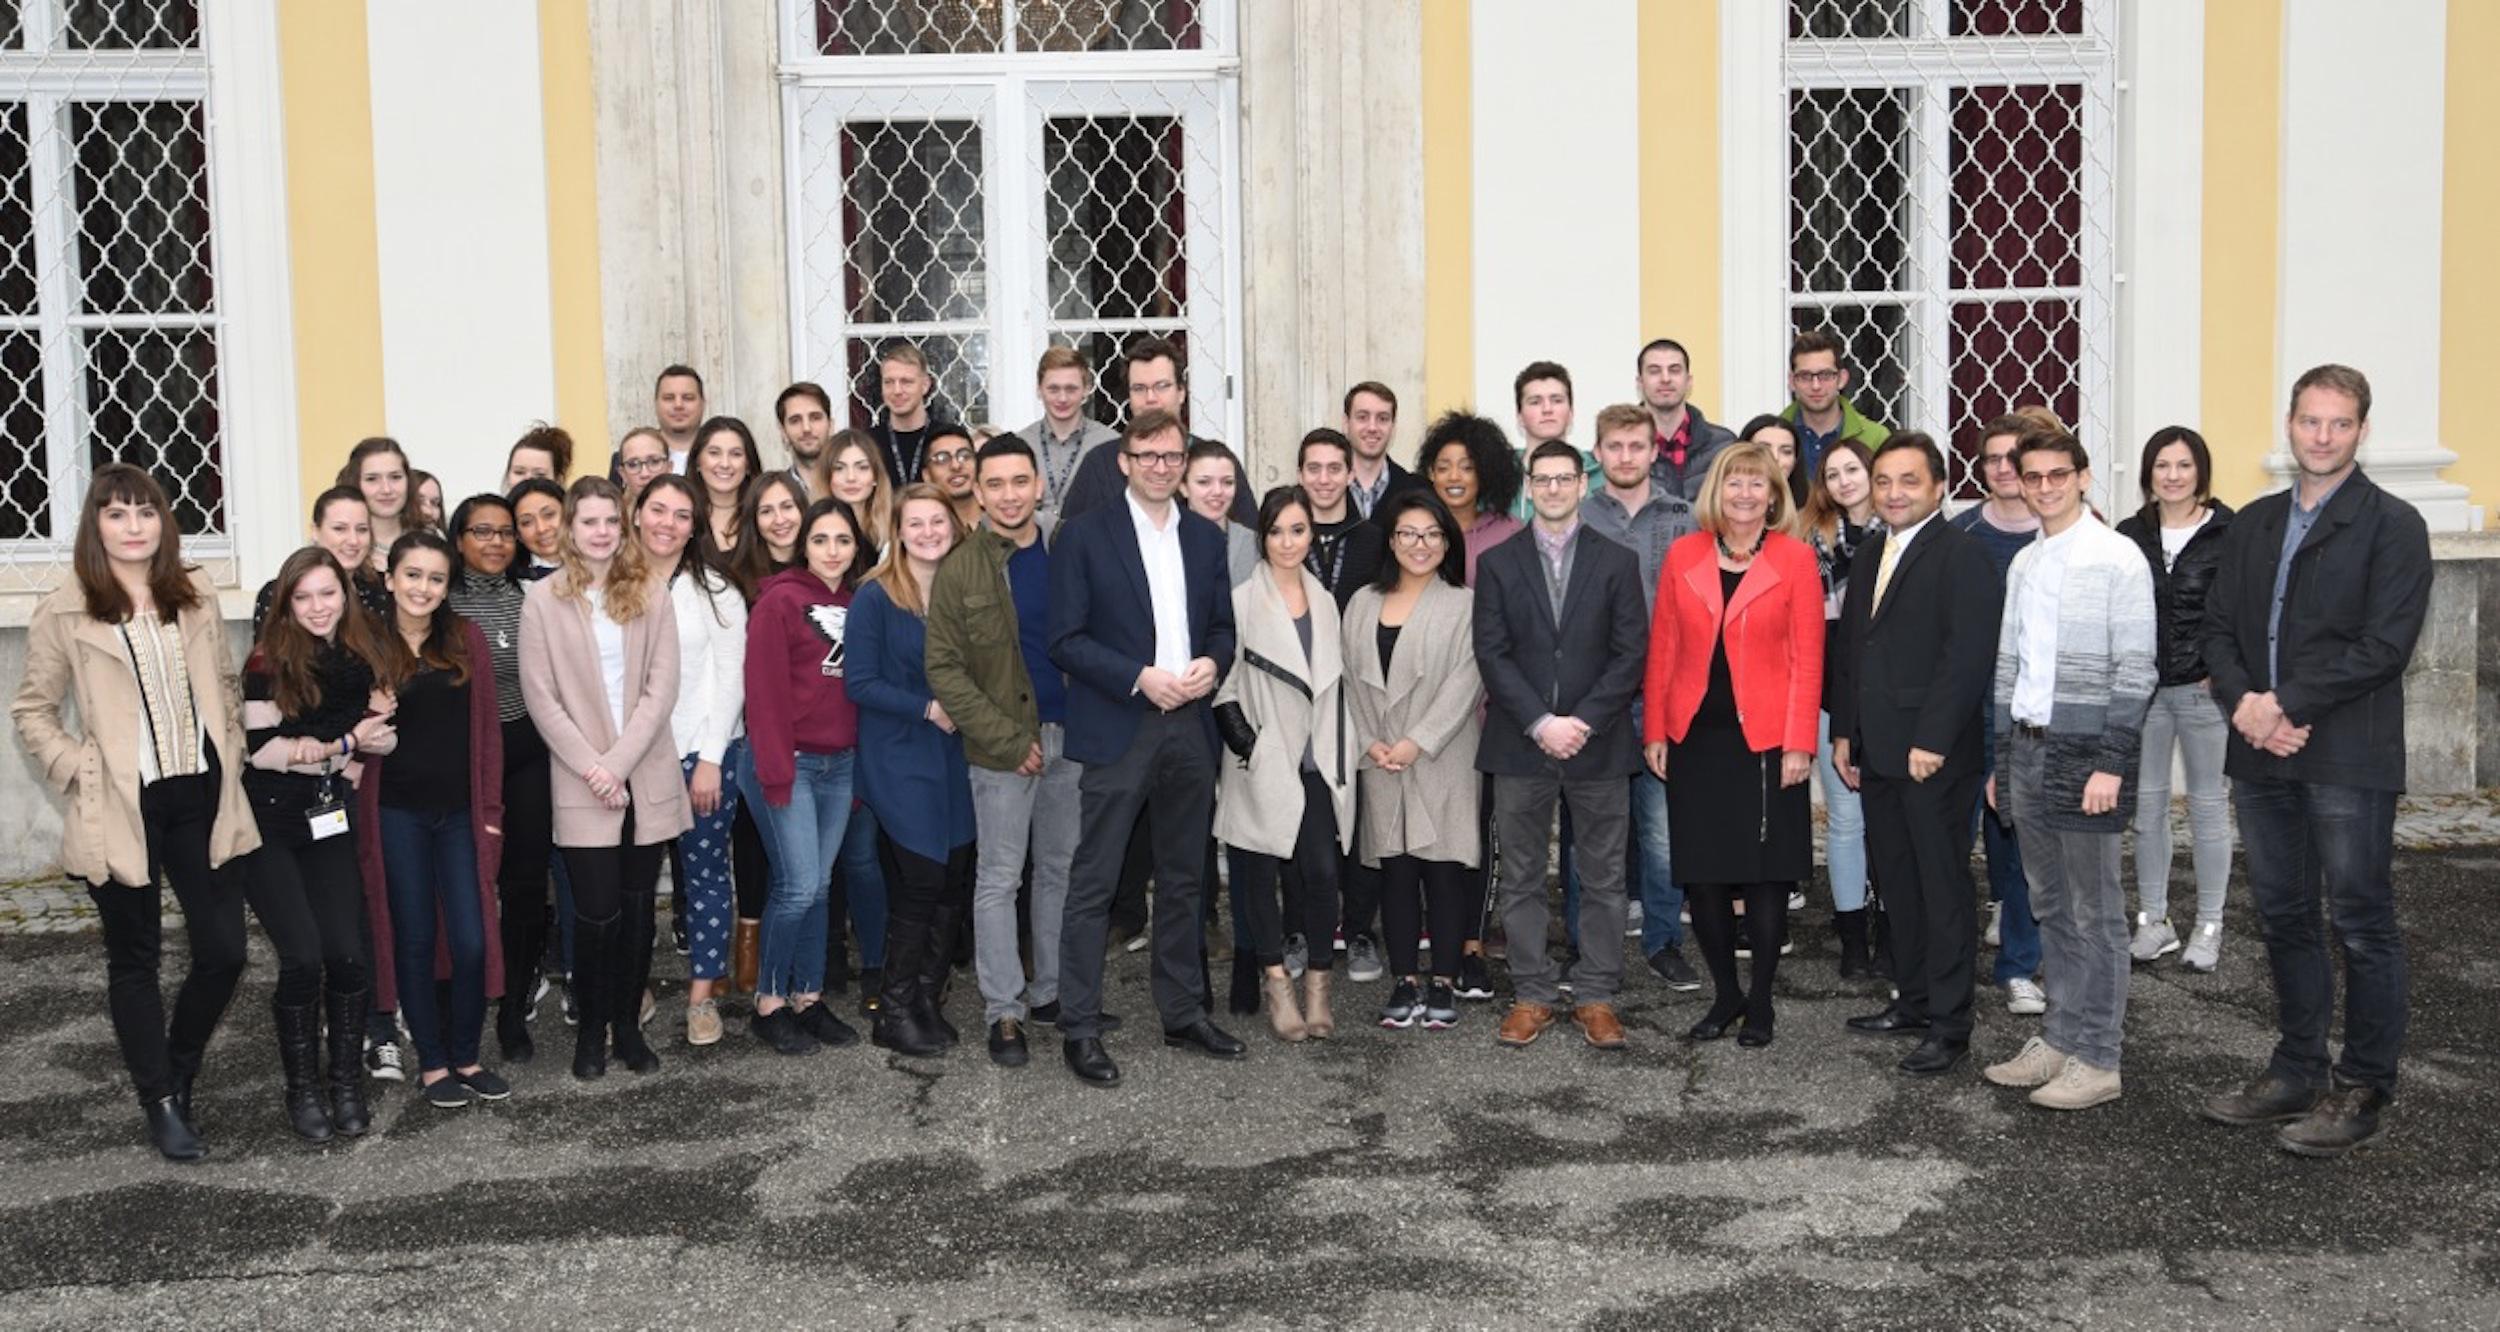 Group Photo Outside Meerschinschlossl 2017.jpg